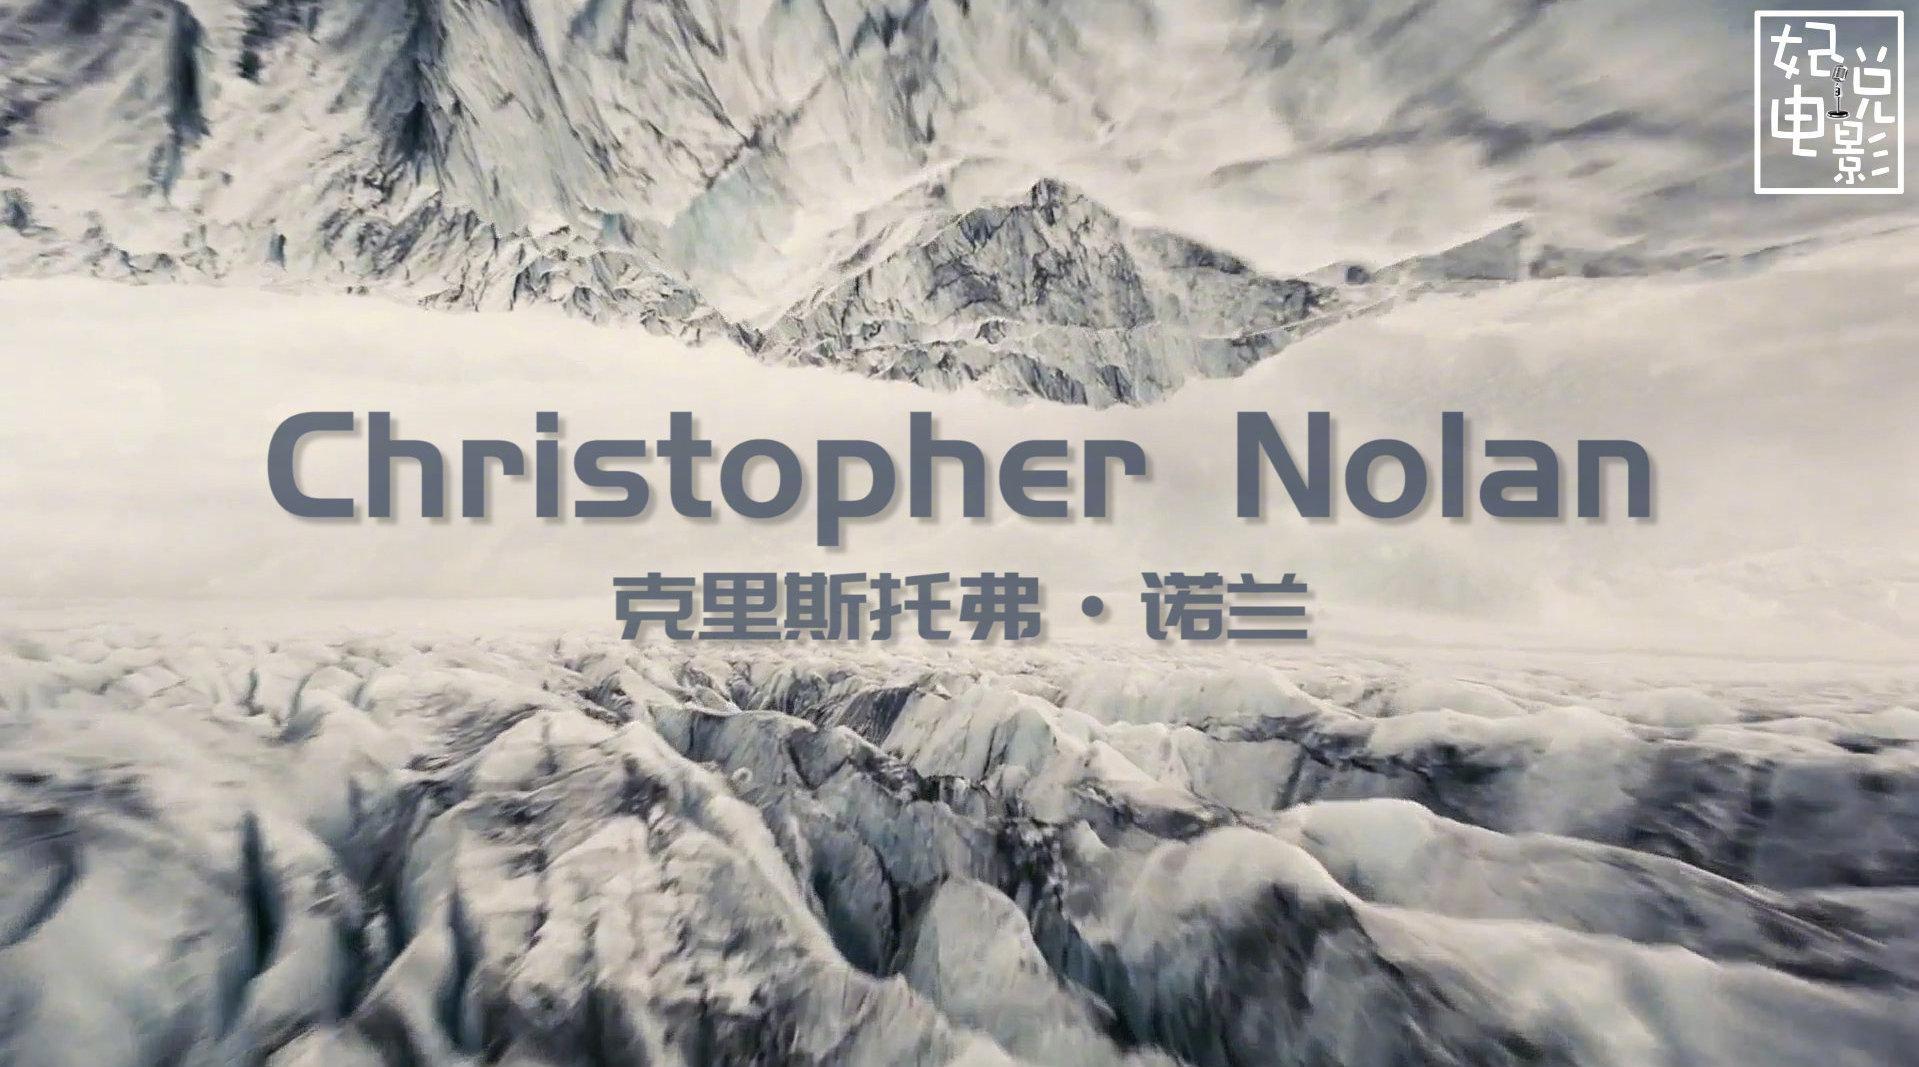 剪了一版混剪!感受「克里斯托弗·诺兰 」的电影魅力!